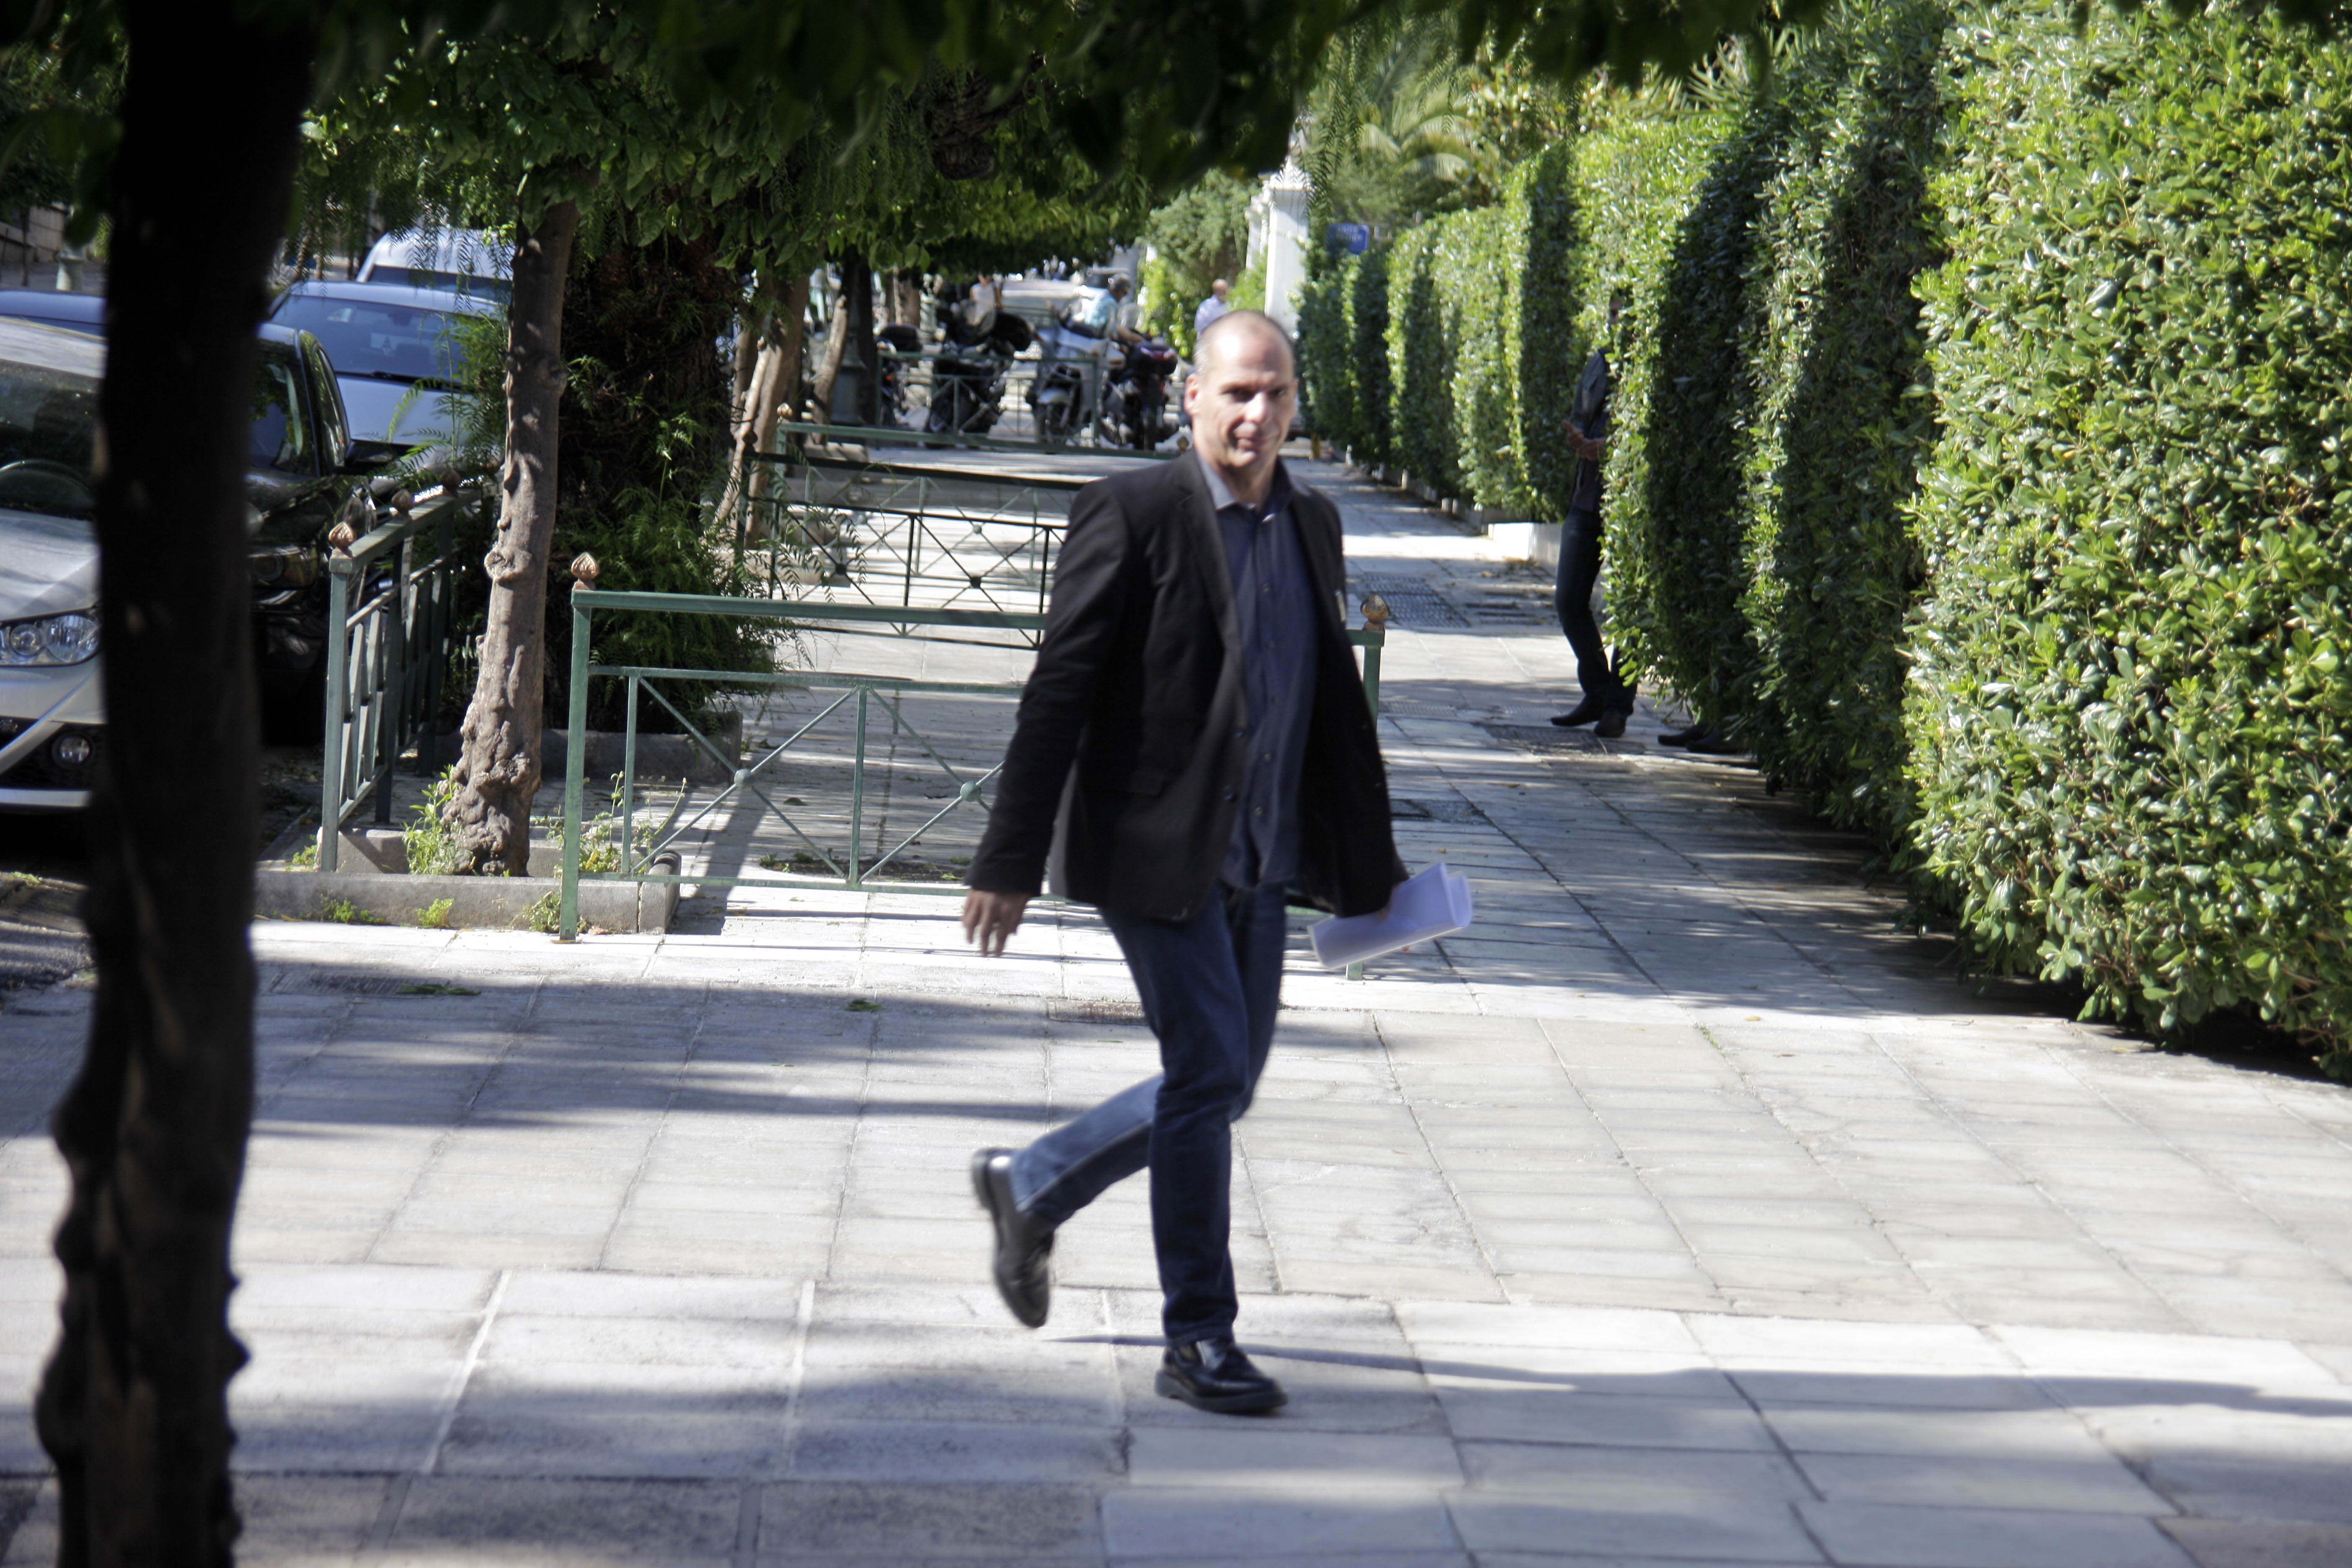 Βαρουφάκης σε Κασιδιάρη:Είσαστε στη φυλακή για εγκληματικές πράξεις | tovima.gr